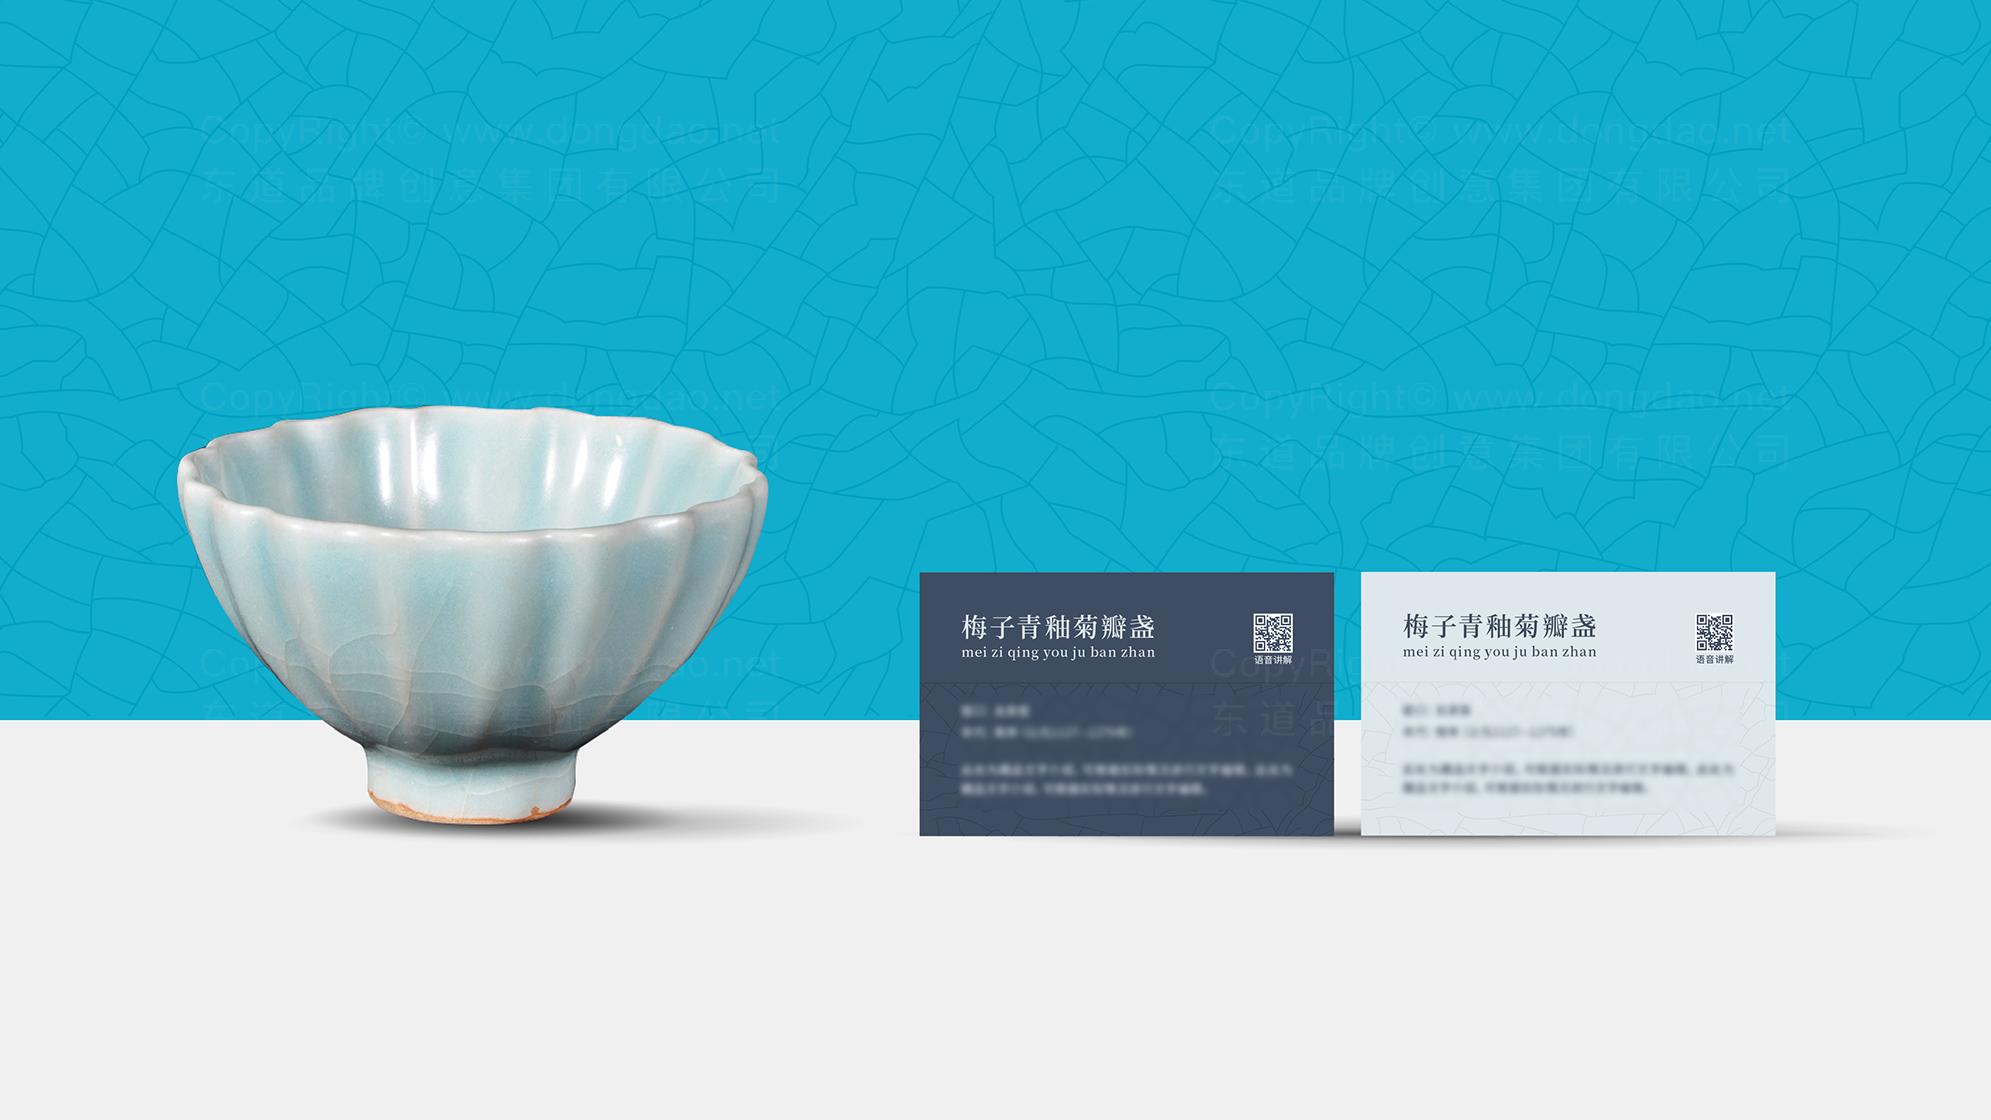 品牌设计青瓷博物馆logo设计、vi设计应用场景_4